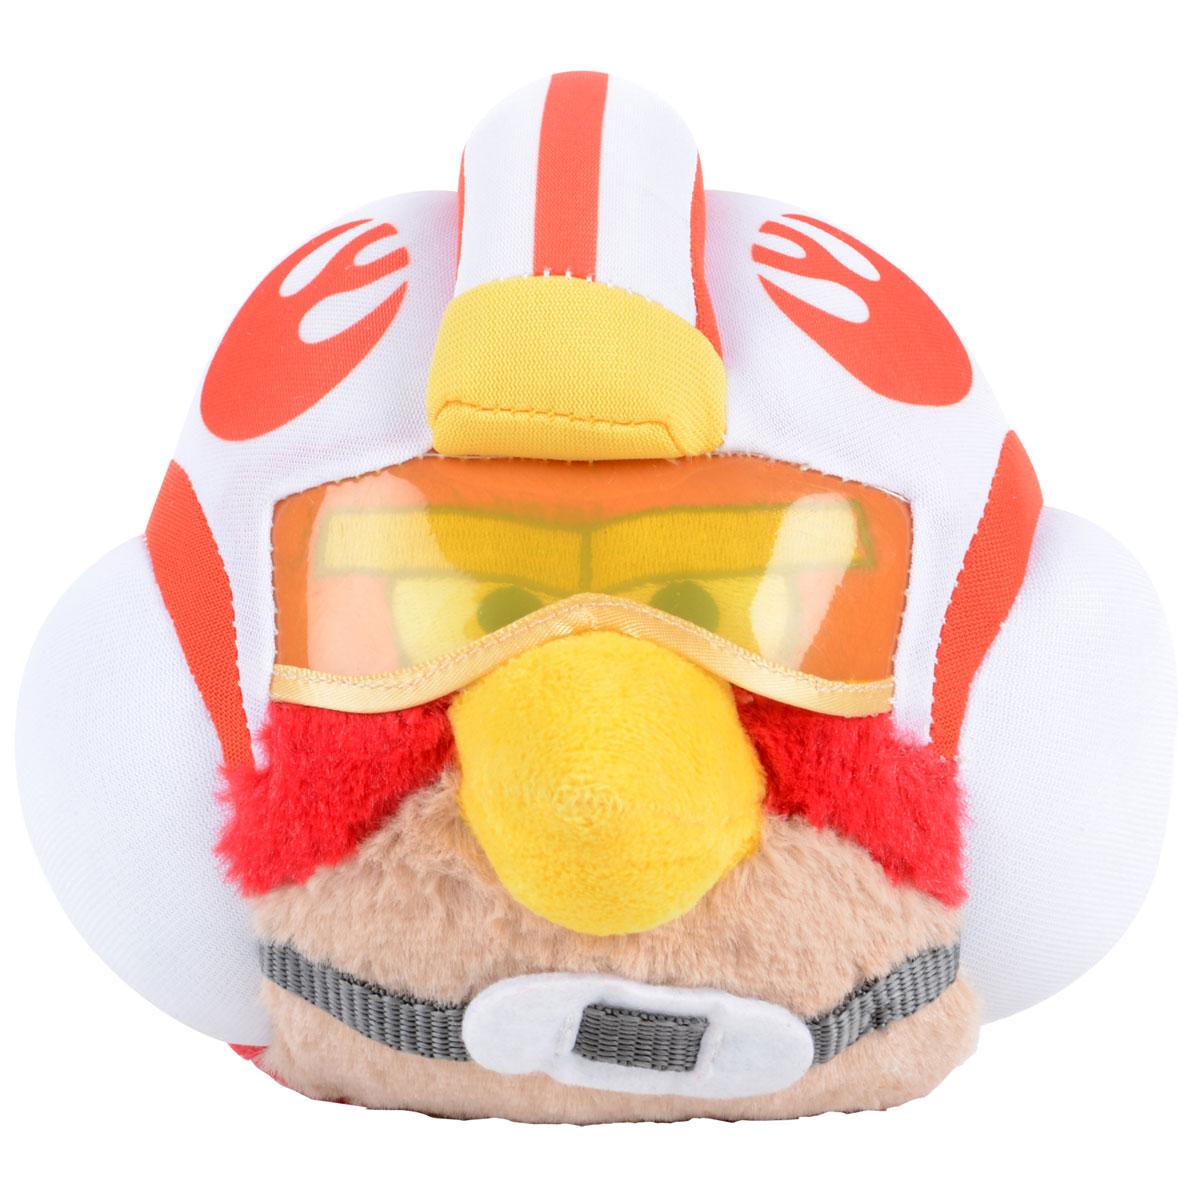 Angry Birds Мягкая озвученная игрушка Star Wars: Luke Skywalker Pilot, 27 см94065В_белыйМягкая озвученная игрушка Angry Birds Star Wars: Luke Skywalker Pilot подарит вашему ребенку много радости и веселья. Удивительно приятная на ощупь игрушка выполнена в виде двойника красной птицы из популярной игры Angry Birds - Люка Скайуокера. При нажатии на кнопку, расположенную на макушке, игрушка начинает издавать забавные звуки. Чудесная мягкая игрушка непременно поднимет настроение своему обладателю и станет замечательным подарком к любому празднику. Angry Birds Star Wars - продолжение серии знаменитой игры Angry Birds. Игра посвящена и сделана по мотивам фильма Звёздные войны. Игрушка работает от незаменяемых батареек.